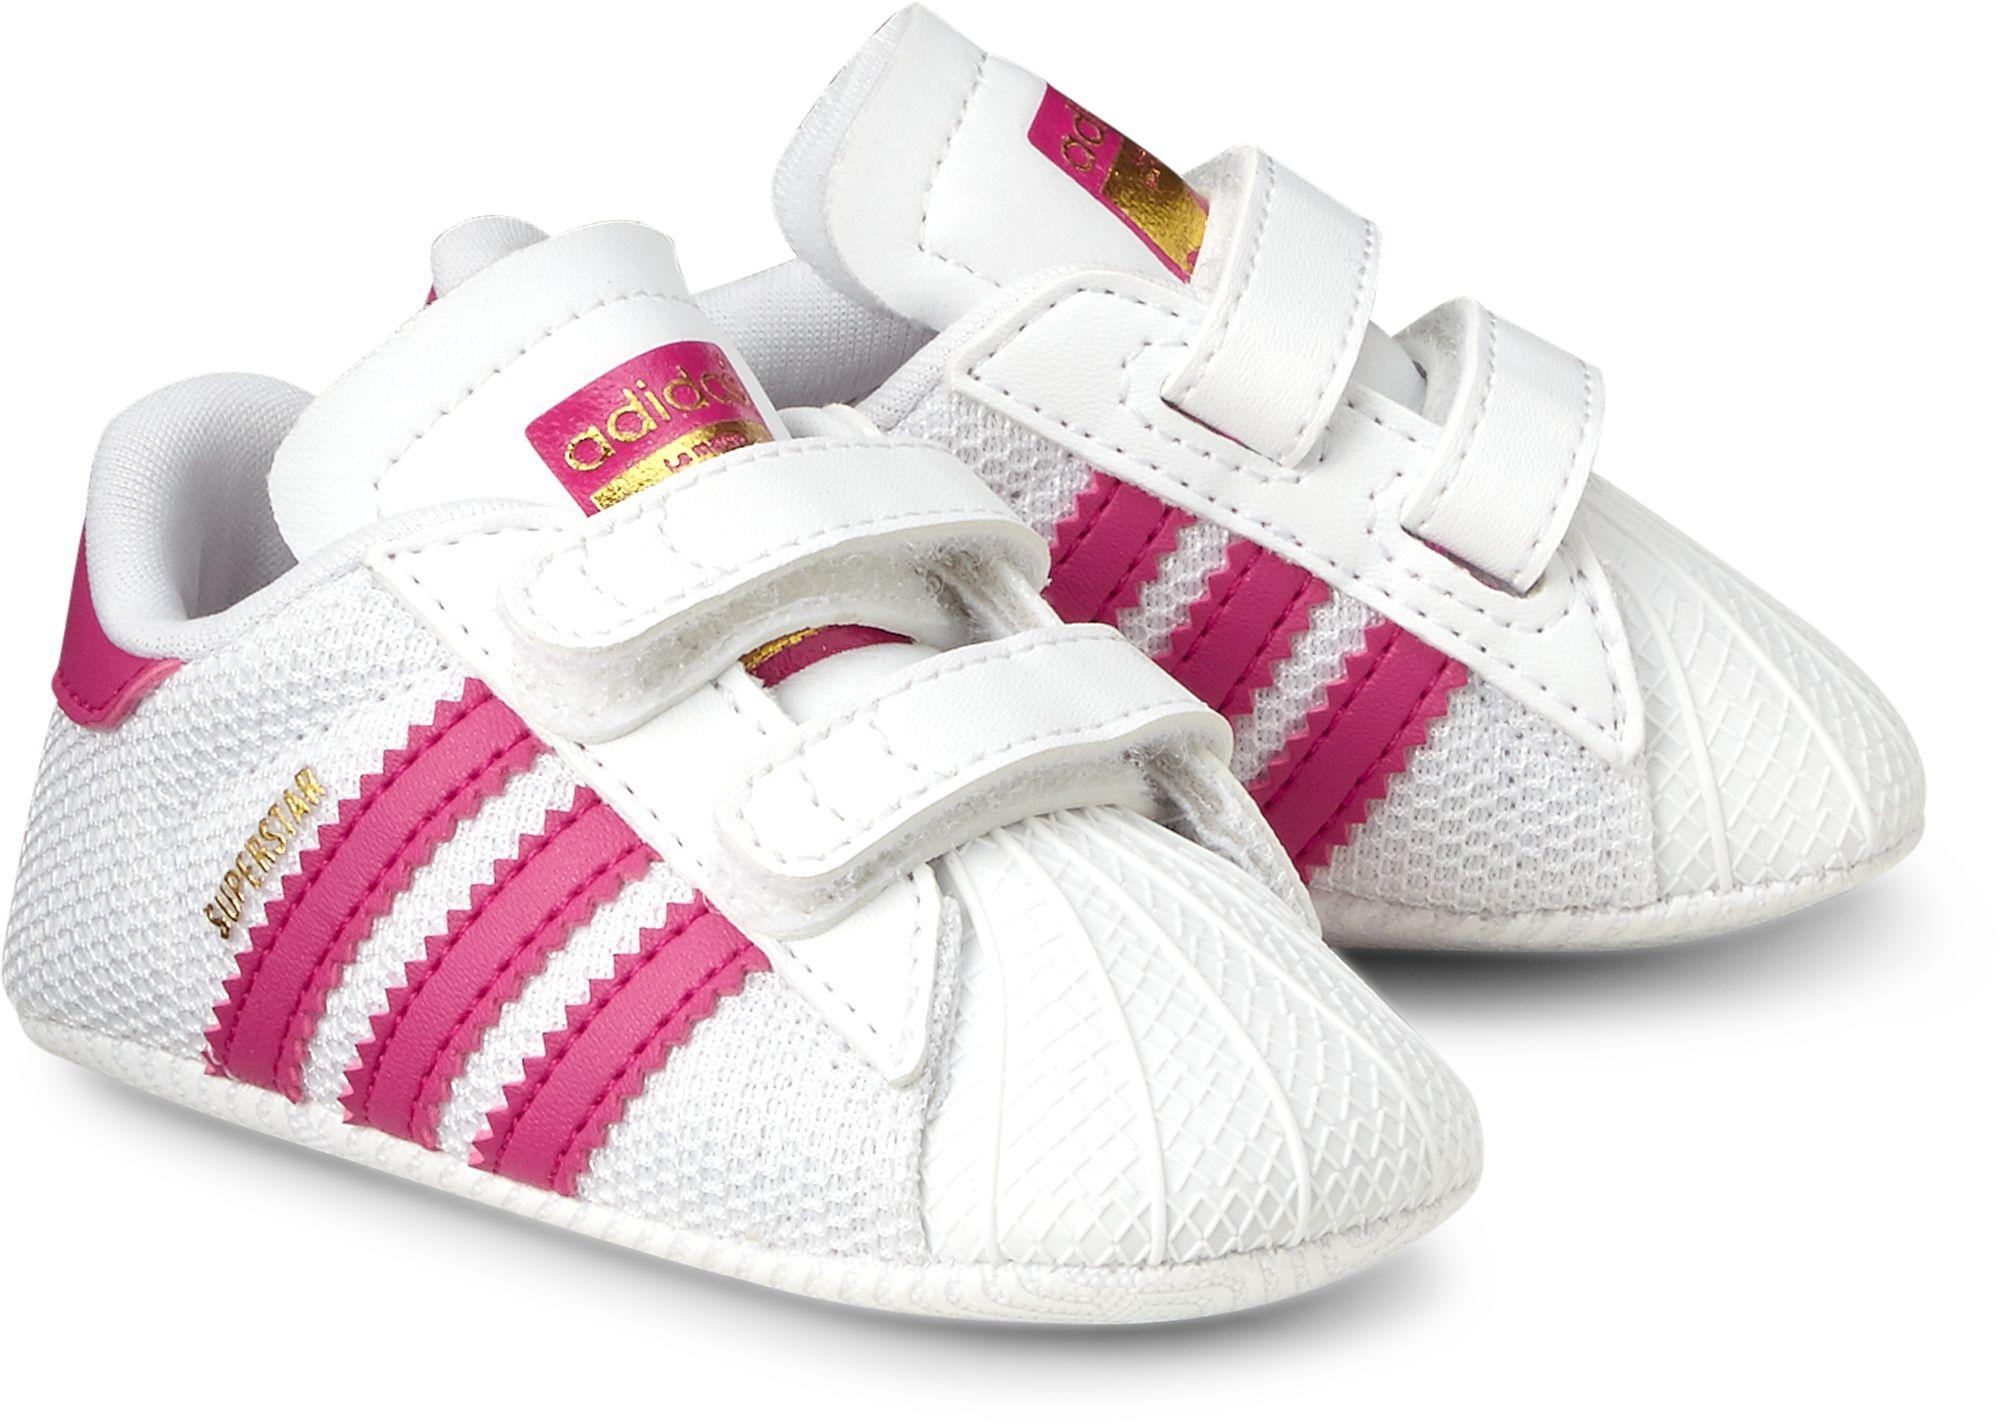 In Originals Weiß Superstar Crip Adidas Für 19 MädchenGr18 Von ulF1J3cTK